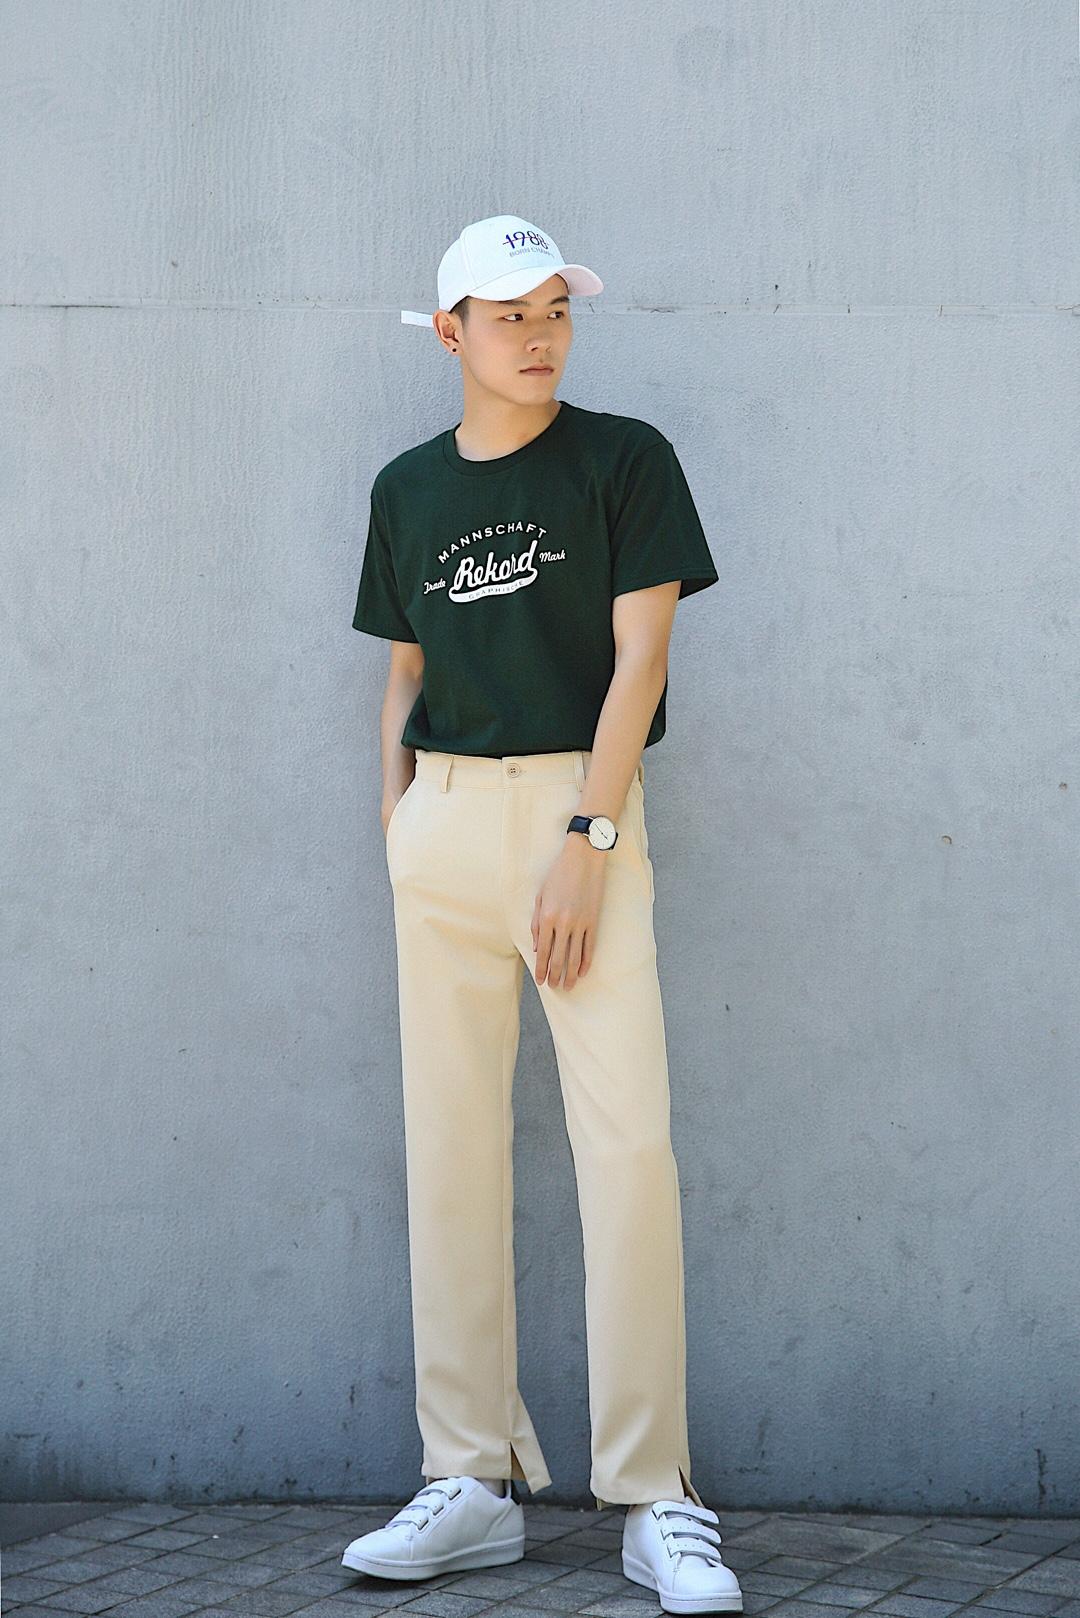 #短袖T恤在手,搭遍天下!#白色数字鸭舌帽+墨绿色字母印花T恤+浅卡其直筒休闲裤+白色魔术贴板鞋。墨绿配卡其,养眼搭配。